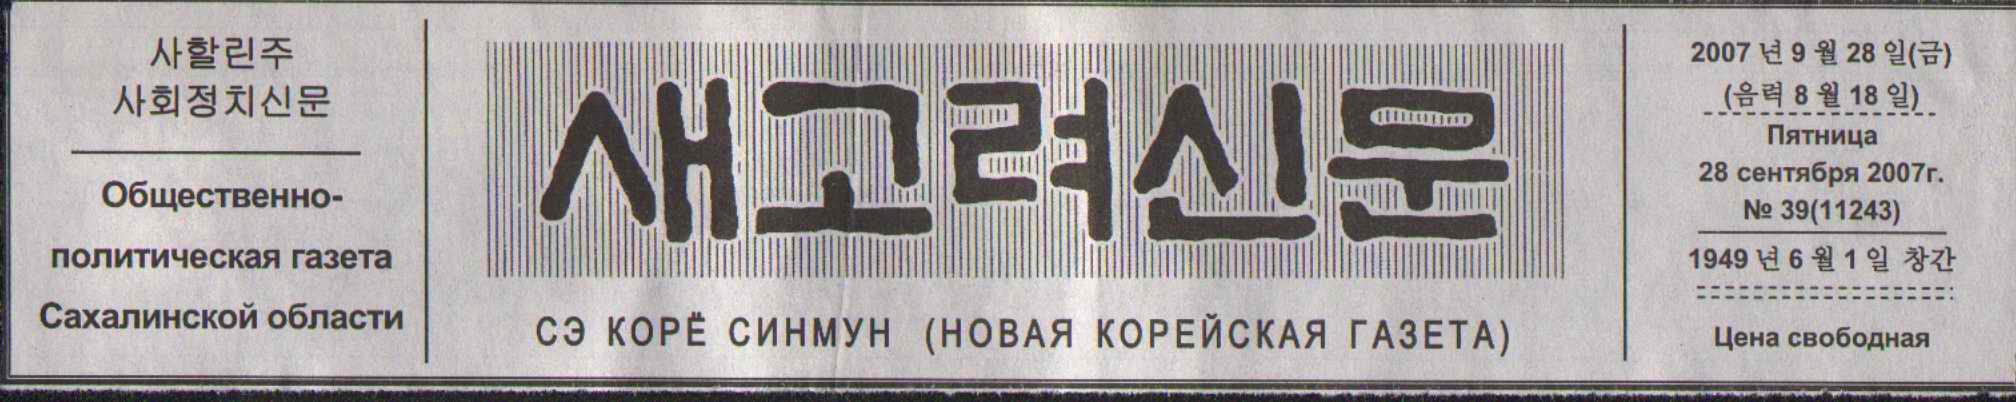 Валерия ким - гл редактор газеты корё синмун (уссурийск), валентин чен - гл редактор газеты российские корейцы